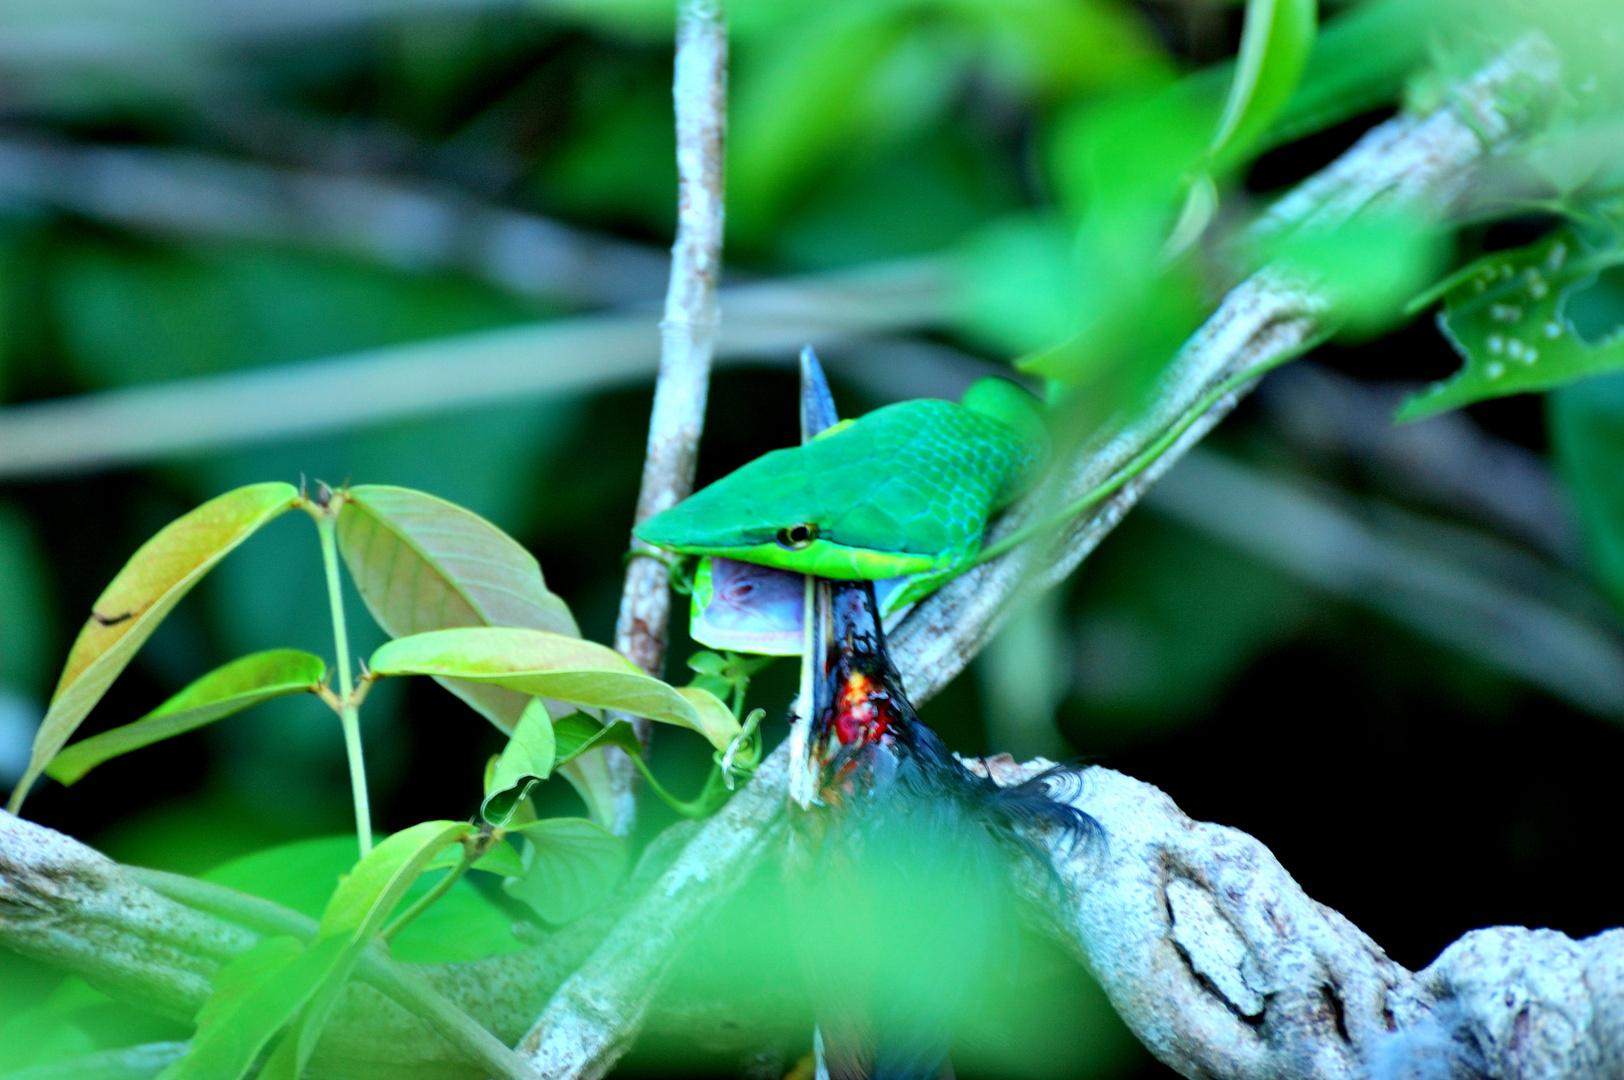 Grüne Baumschlange 2